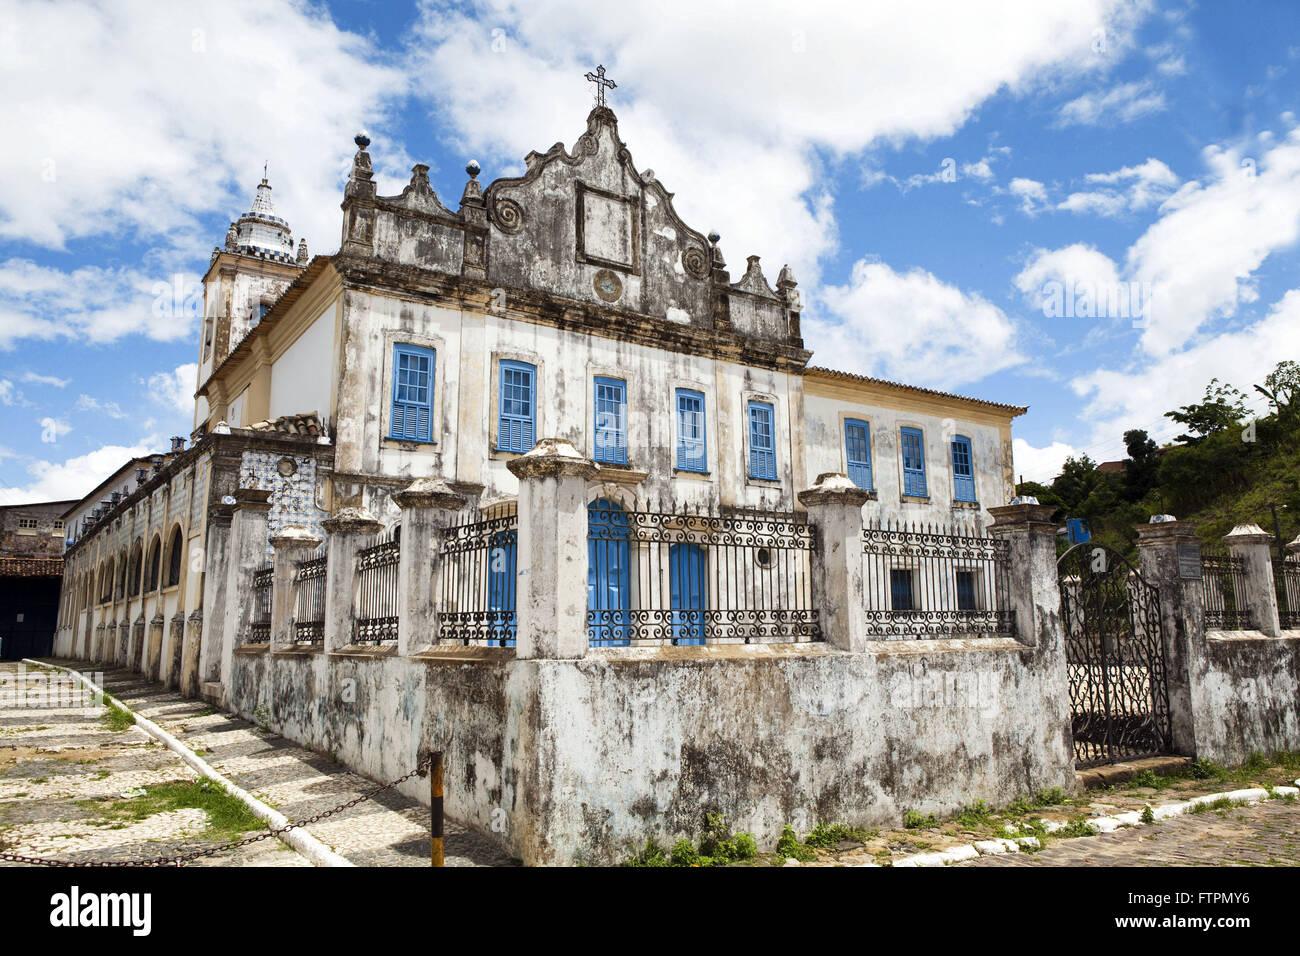 Convento di Nostra Signora del Reconcavo Baiano umile Immagini Stock